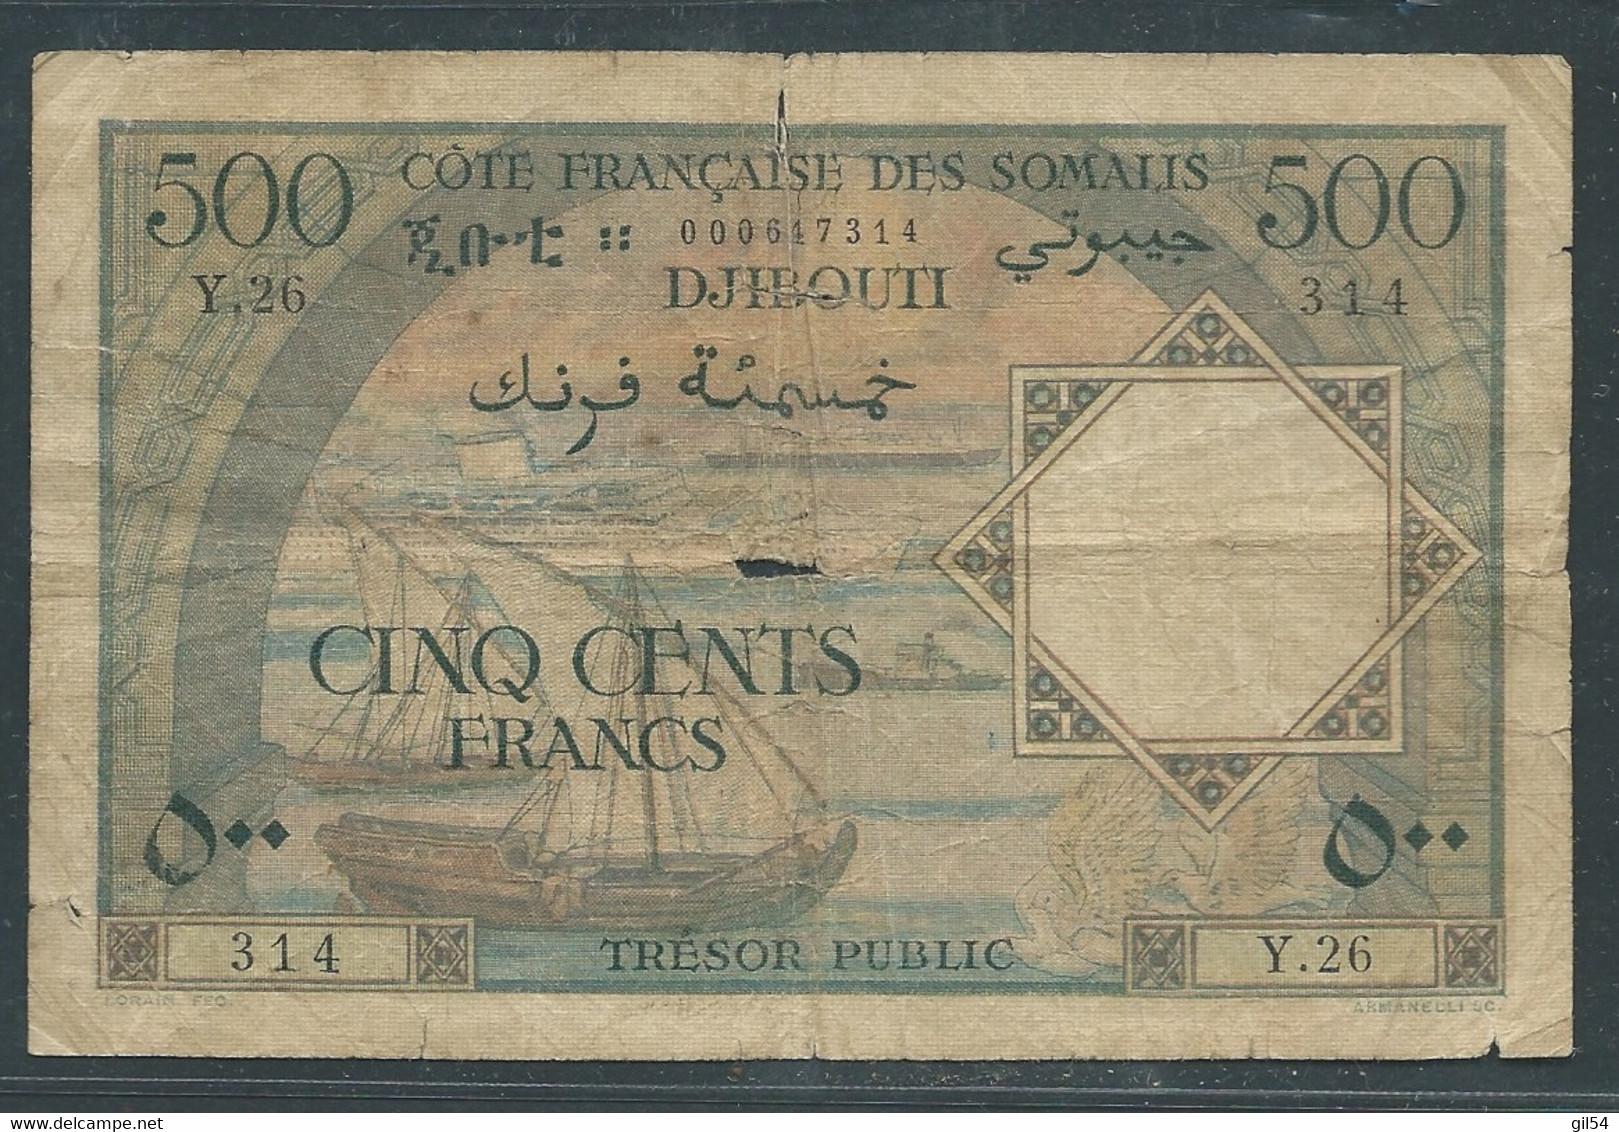 Billet  Côte Française Des Somalis 500 Francs Type 1952  Laura6501 - Djibouti